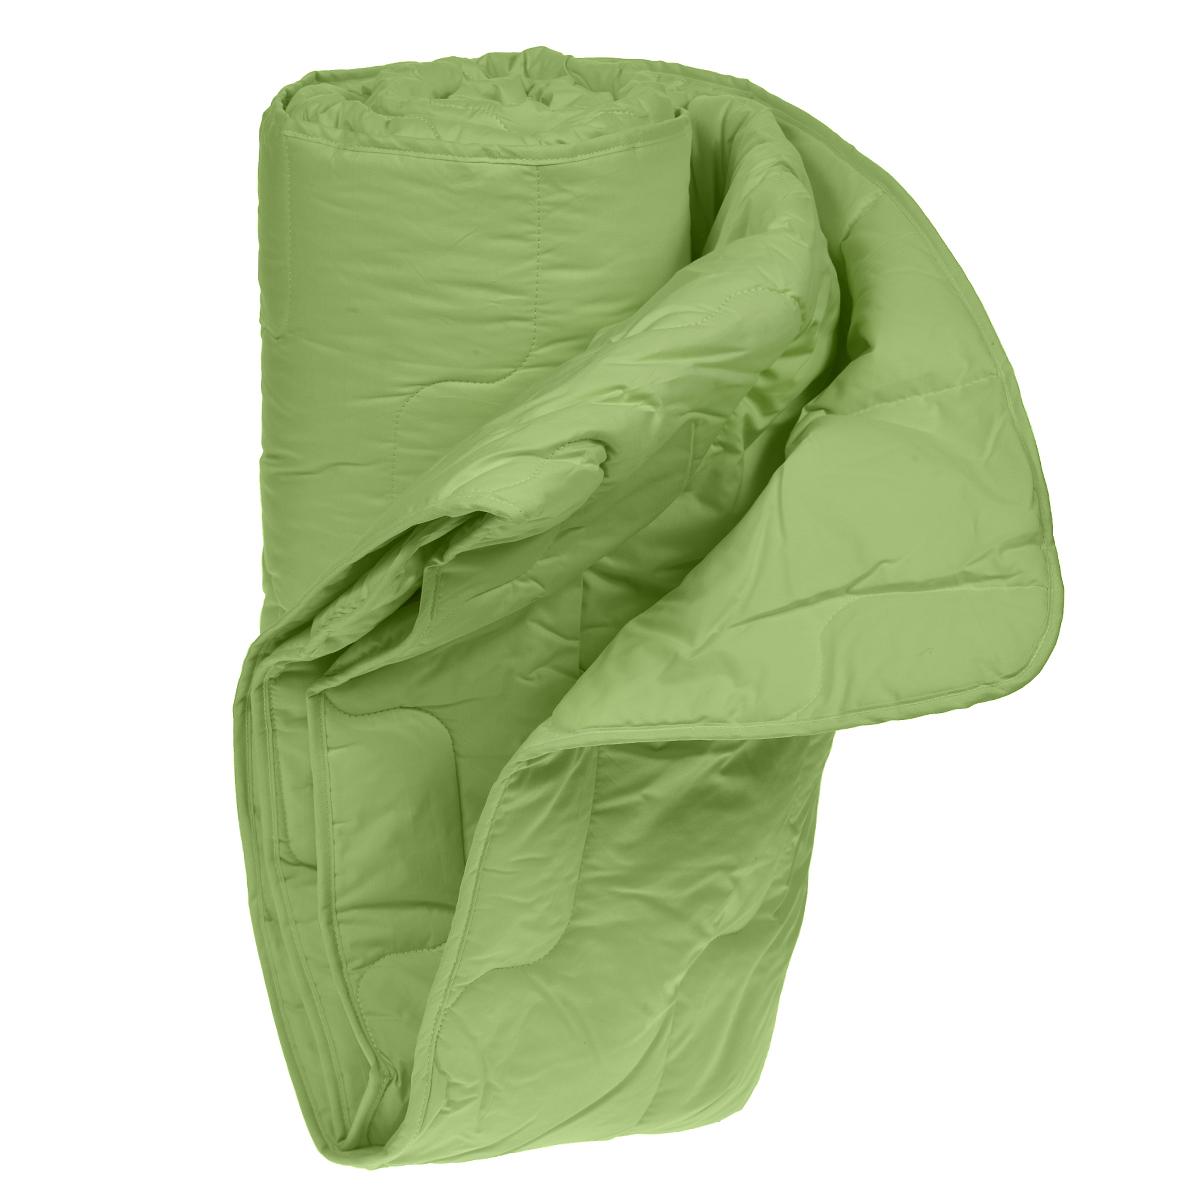 Одеяло облегченное OL-Tex Бамбук, наполнитель: бамбуковое волокно, цвет: фисташковый, 220 х 200 смОБТ-22-2Великолепное облегченное одеяло OL-Tex Бамбук подарит вам ни с чем несравнимую мягкость и комфорт и согреет даже в очень холодное время года. При этом одеяло невероятно легкое. Одеяло из коллекции Бамбук создано с использованием натурального и экологически чистого бамбукового волокна. Чехол одеяла фисташкового цвета выполнен из тика и перкаля, оформлен фигурной стежкой и кантом по краю. Натуральная, экологически чистая основа бамбукового волокна обладает природными антибактериальными и дезодорирующими свойствами, останавливает рост и развитие бактерий, препятствует появлению неприятных запахов. Эти качества сохраняются даже после многократных стирок. Идеально подходит людям, страдающим аллергией и астмой. Основные свойства бамбукового наполнителя: - отличная воздухопроницаемость и впитывающие свойства, - дезодорирующие и бактерицидные свойства, - гигиеничность и гипоаллергенность. Легкое, мягкое, воздушное одеяло прекрасно подойдет всем, кто...